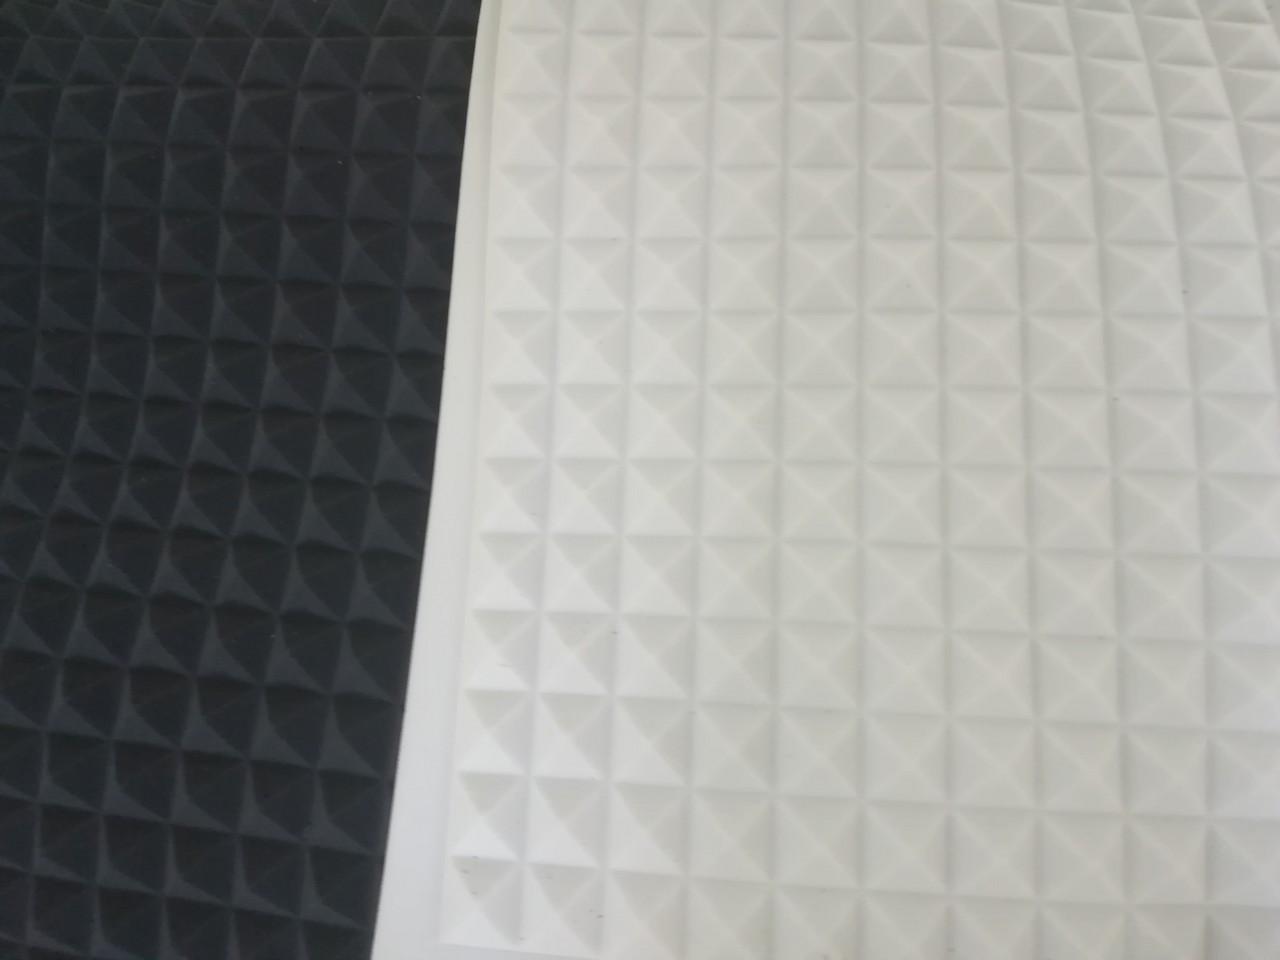 Поролон звукоизоляционный белый 200см * 100см, 25 мм